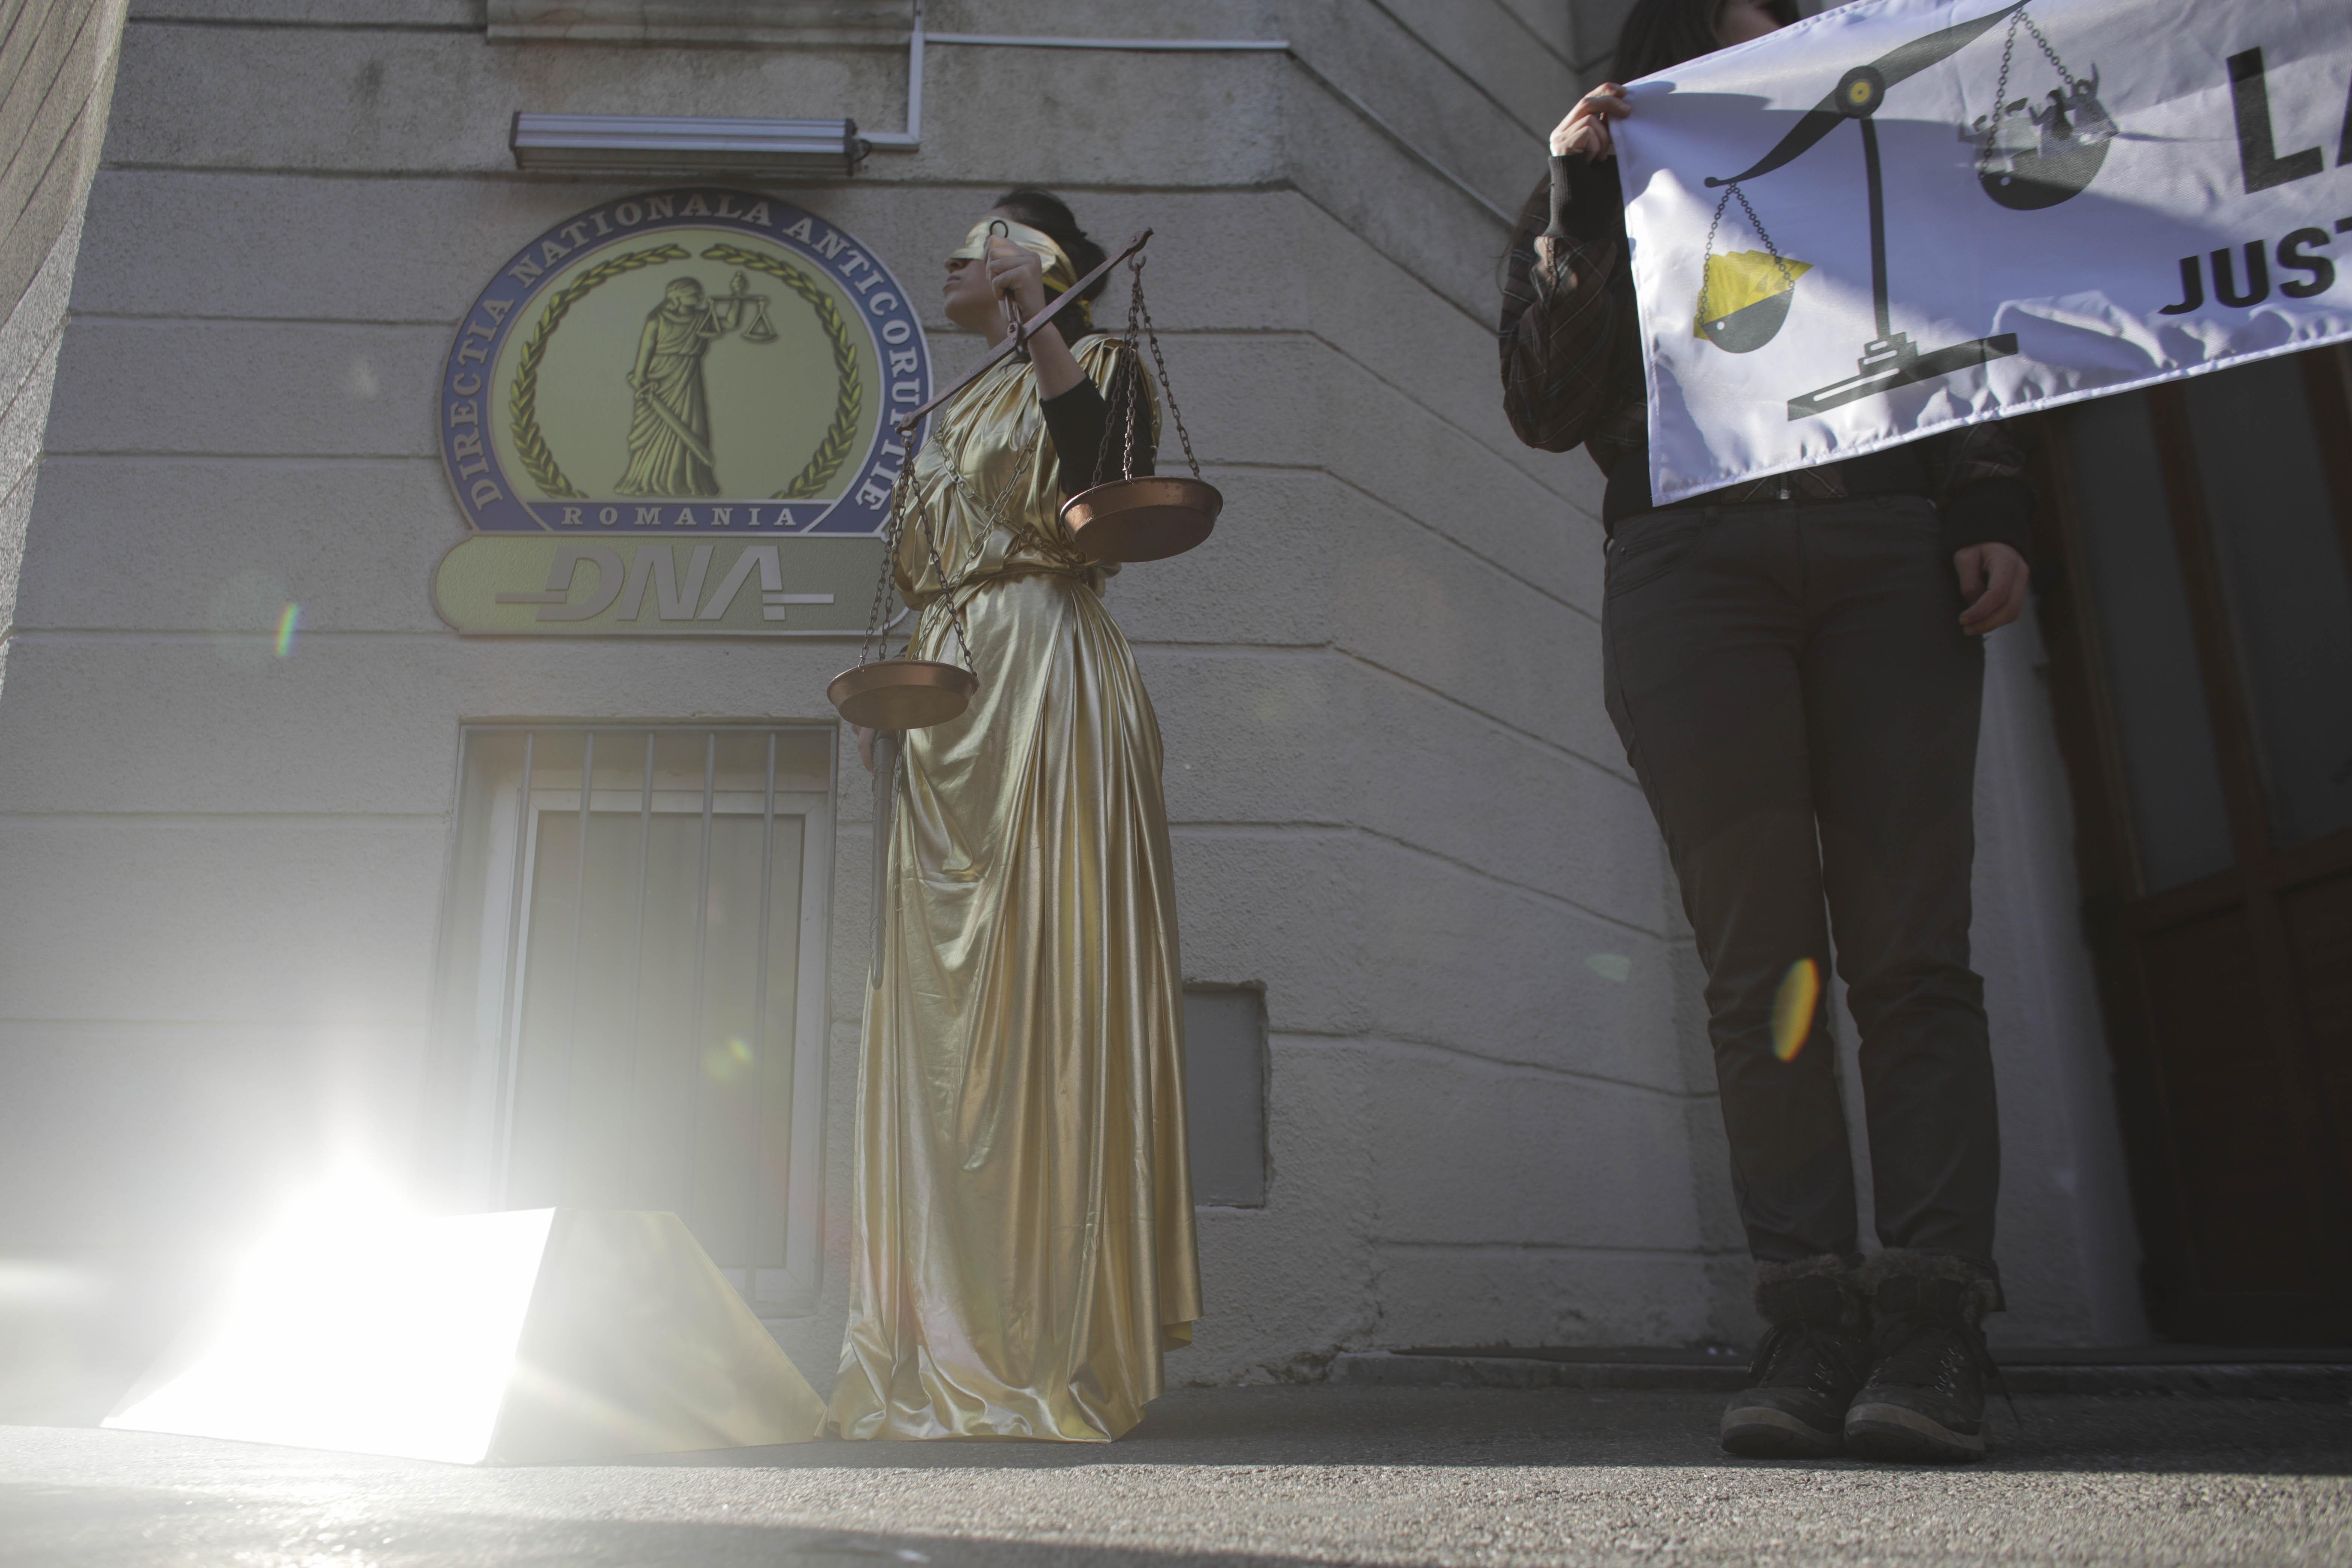 protest-dna-certej-statuie-justitie-inquam-ganea (4)